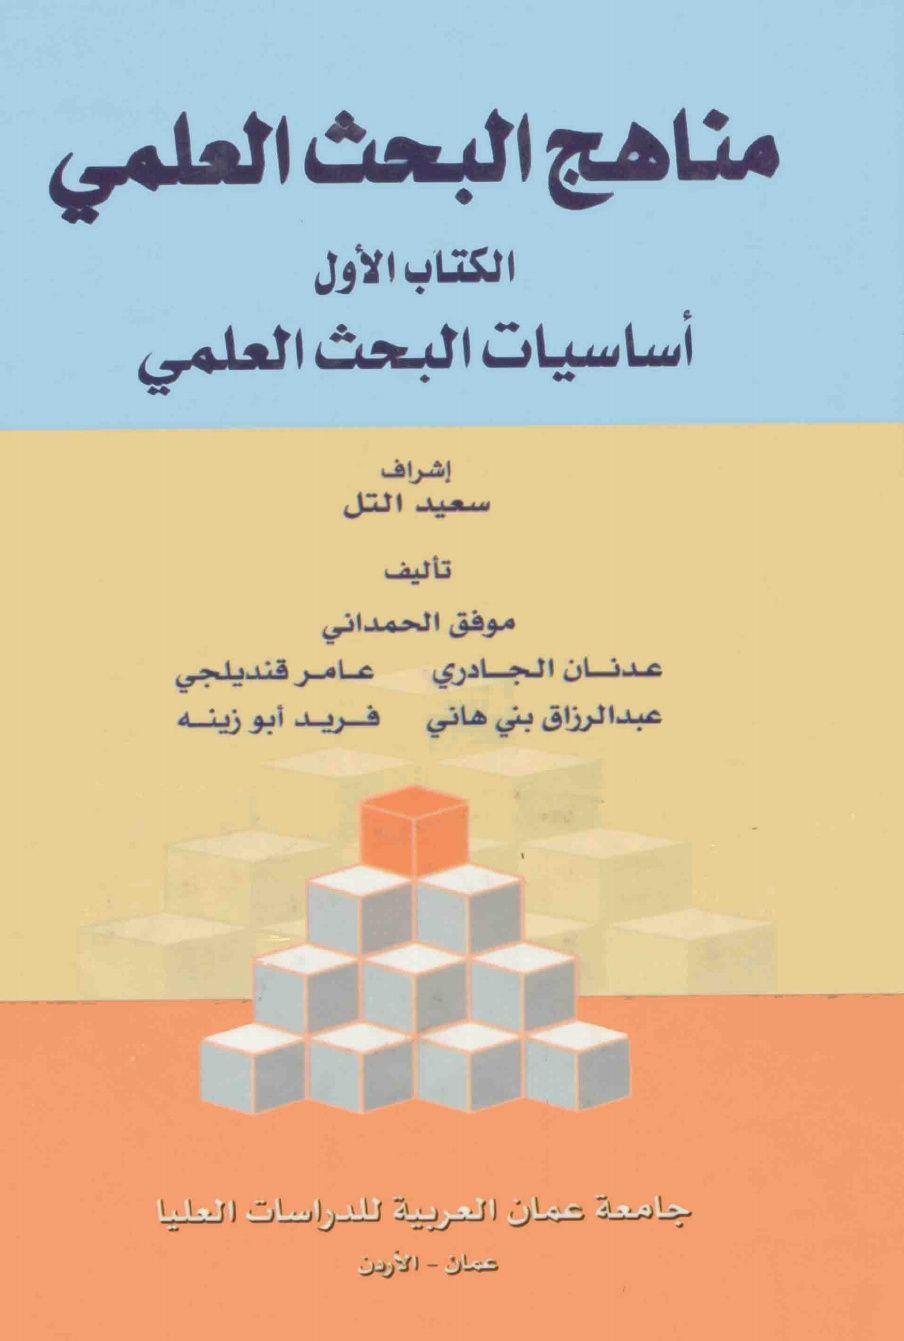 مناهج البحث العلمي 1 اساسيات البحث العلمي Pdf Scientific Research Methods Research Methods Pdf Books Download